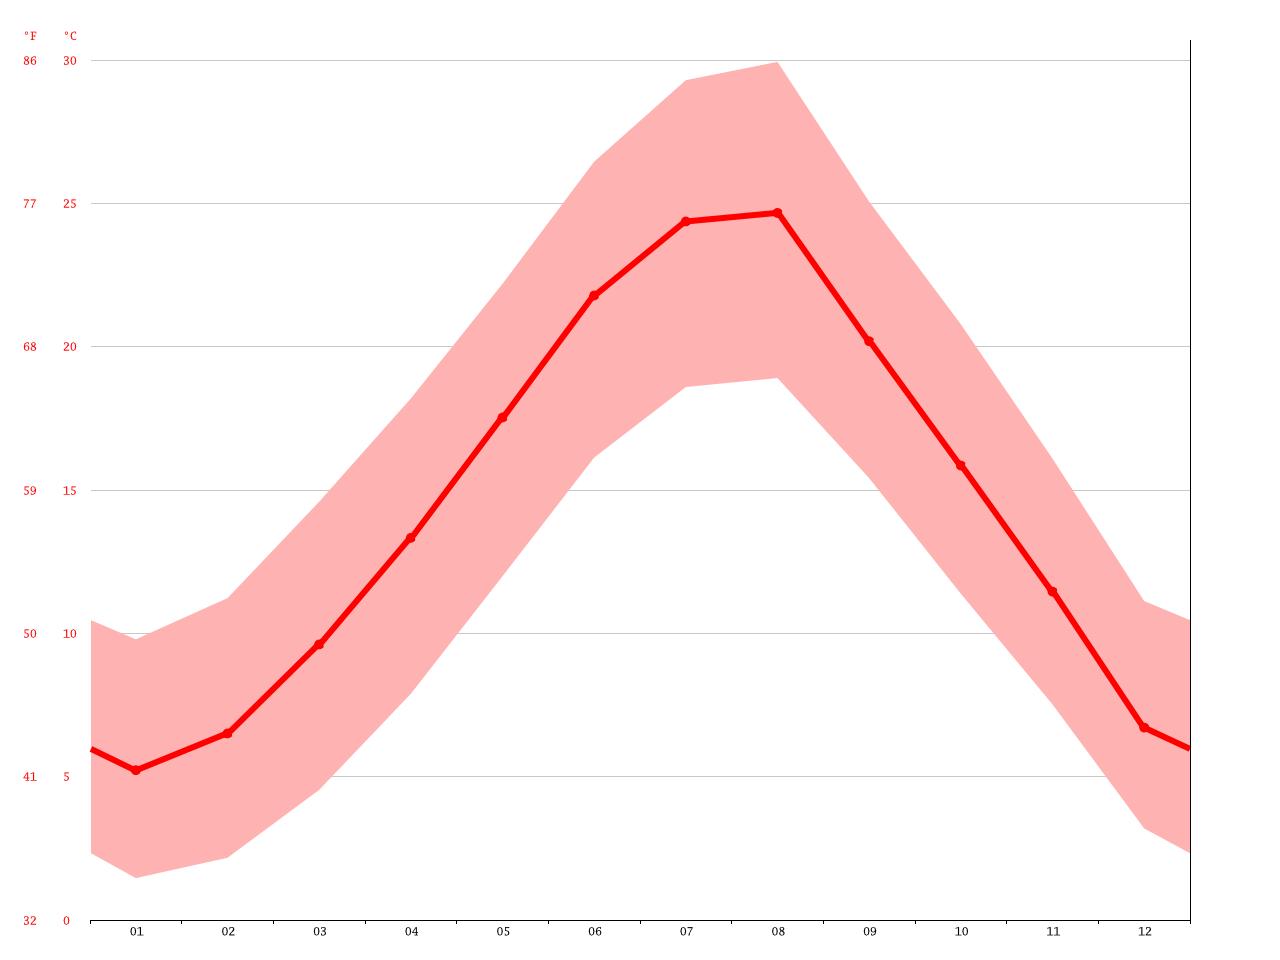 Temperatuur grafiek, Tirana